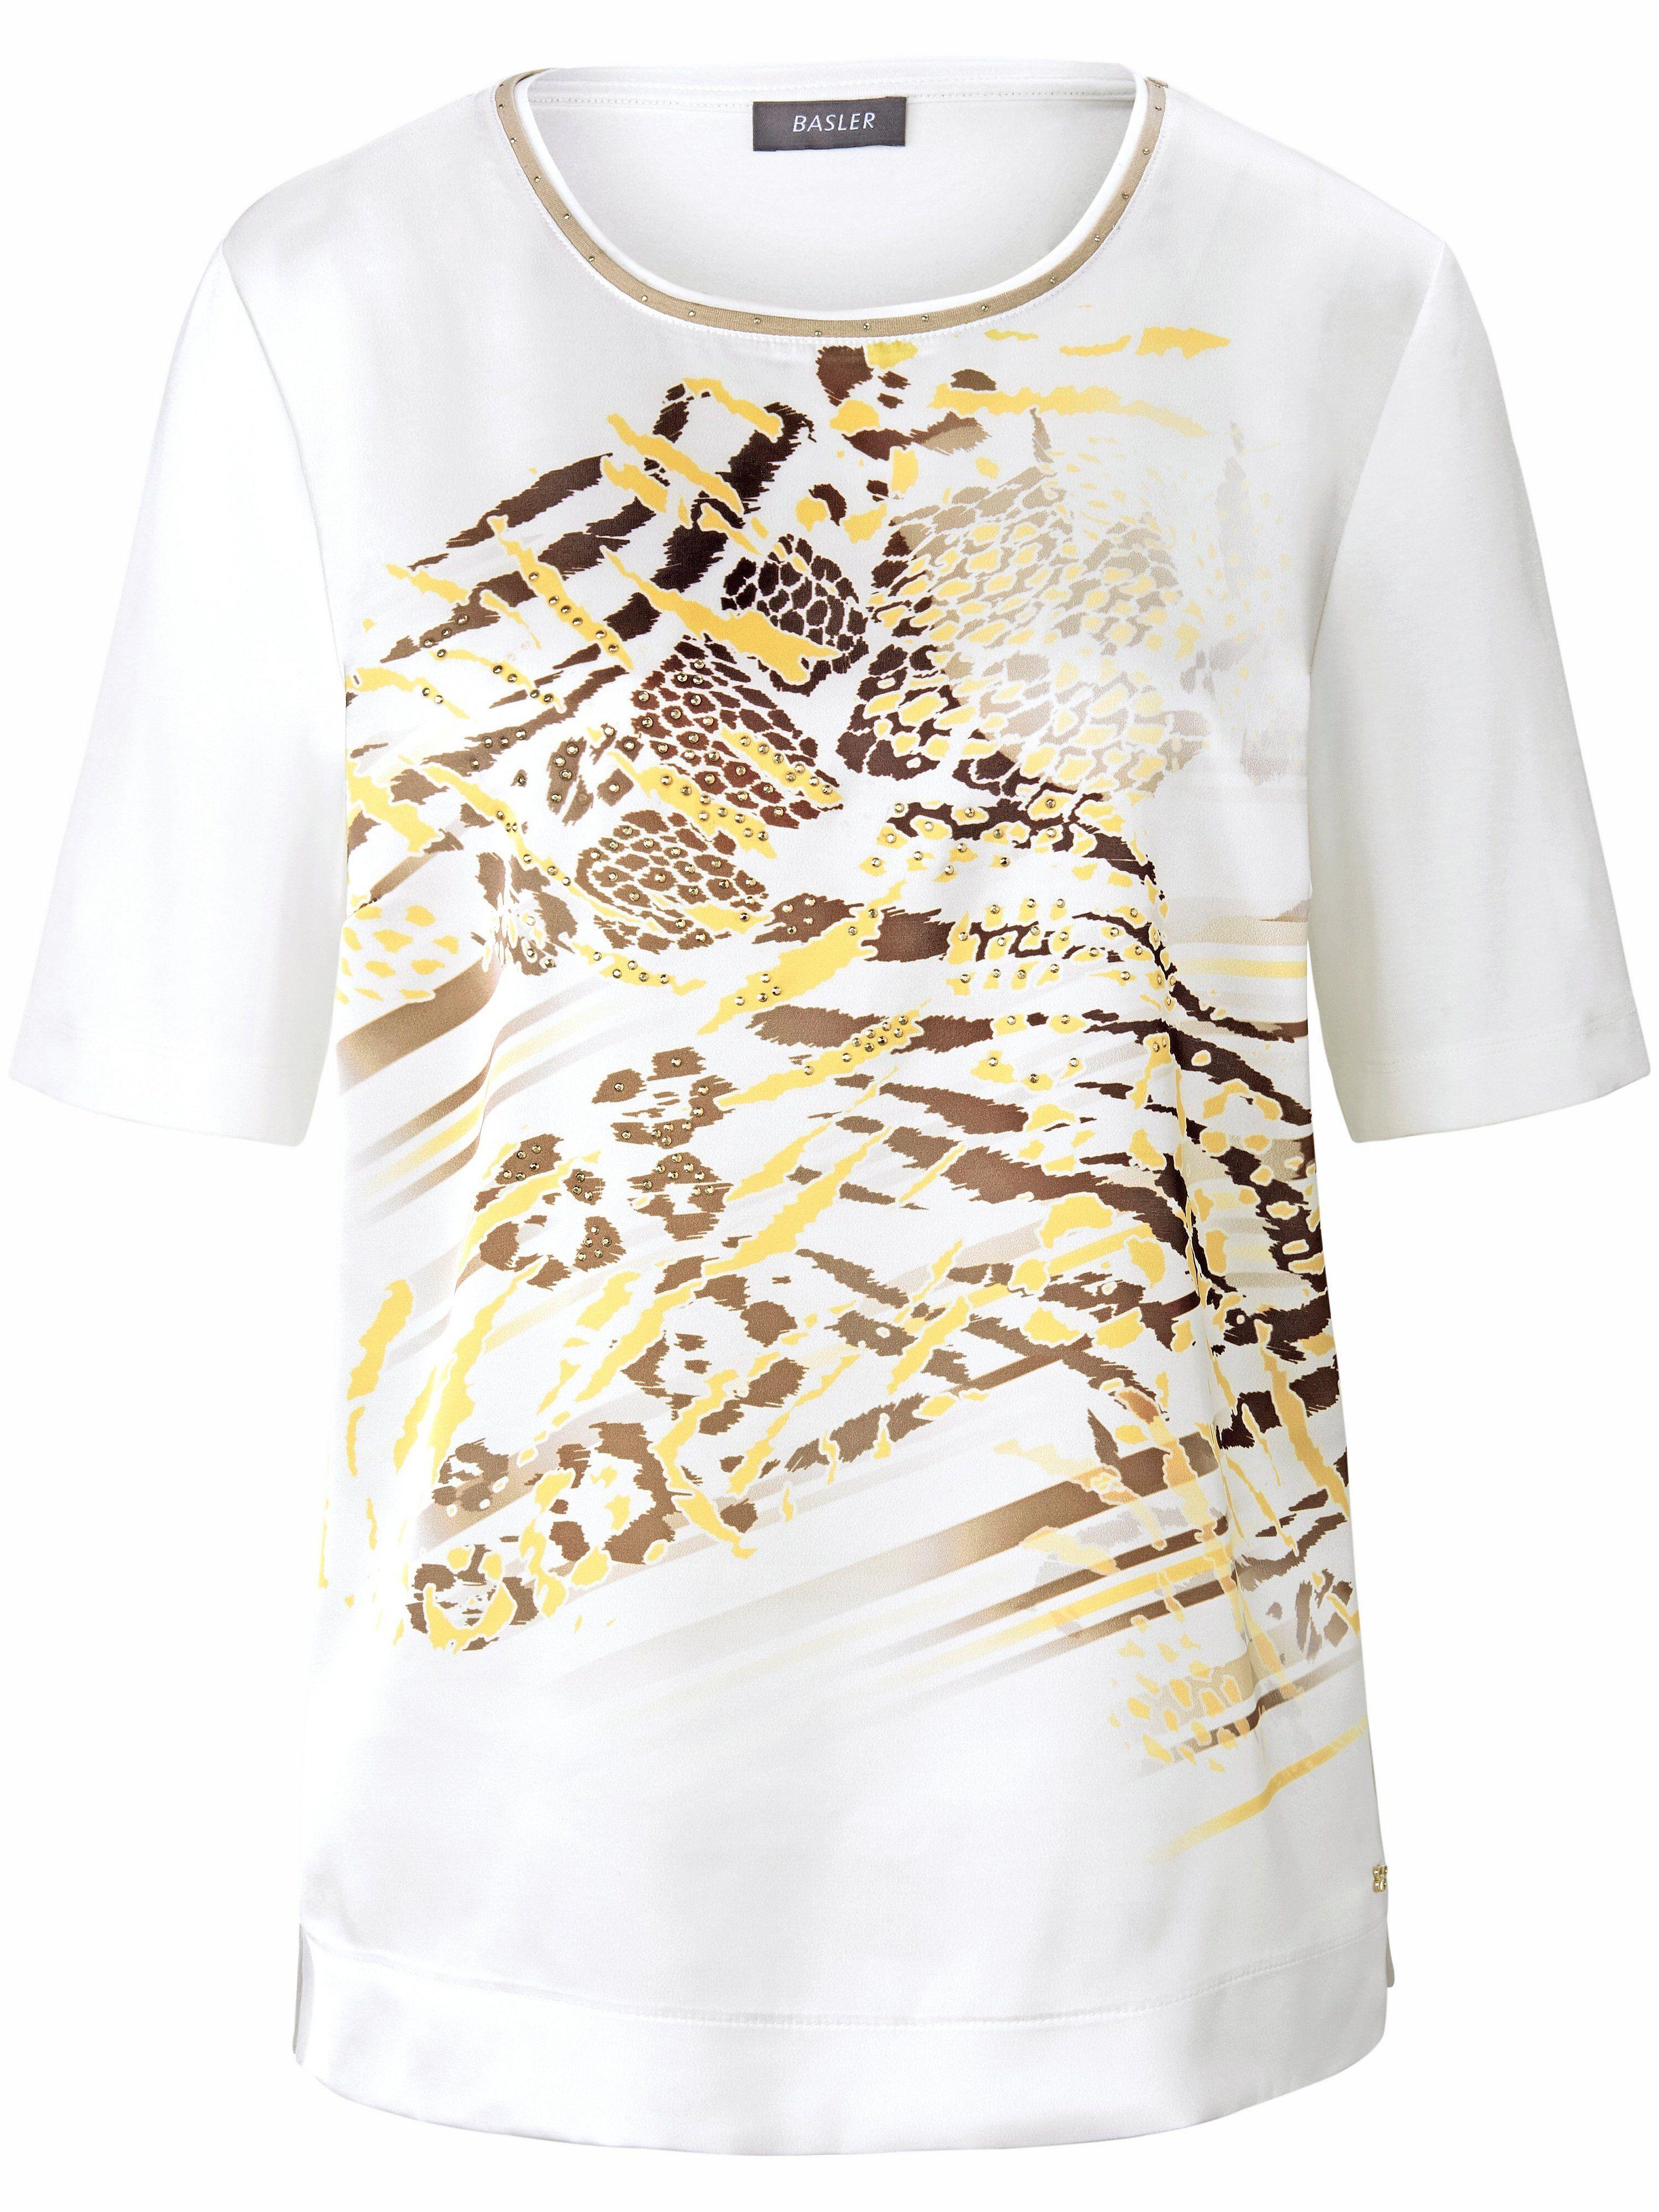 Basler Le T-shirt manches courtes  Basler blanc  - Femme - 38